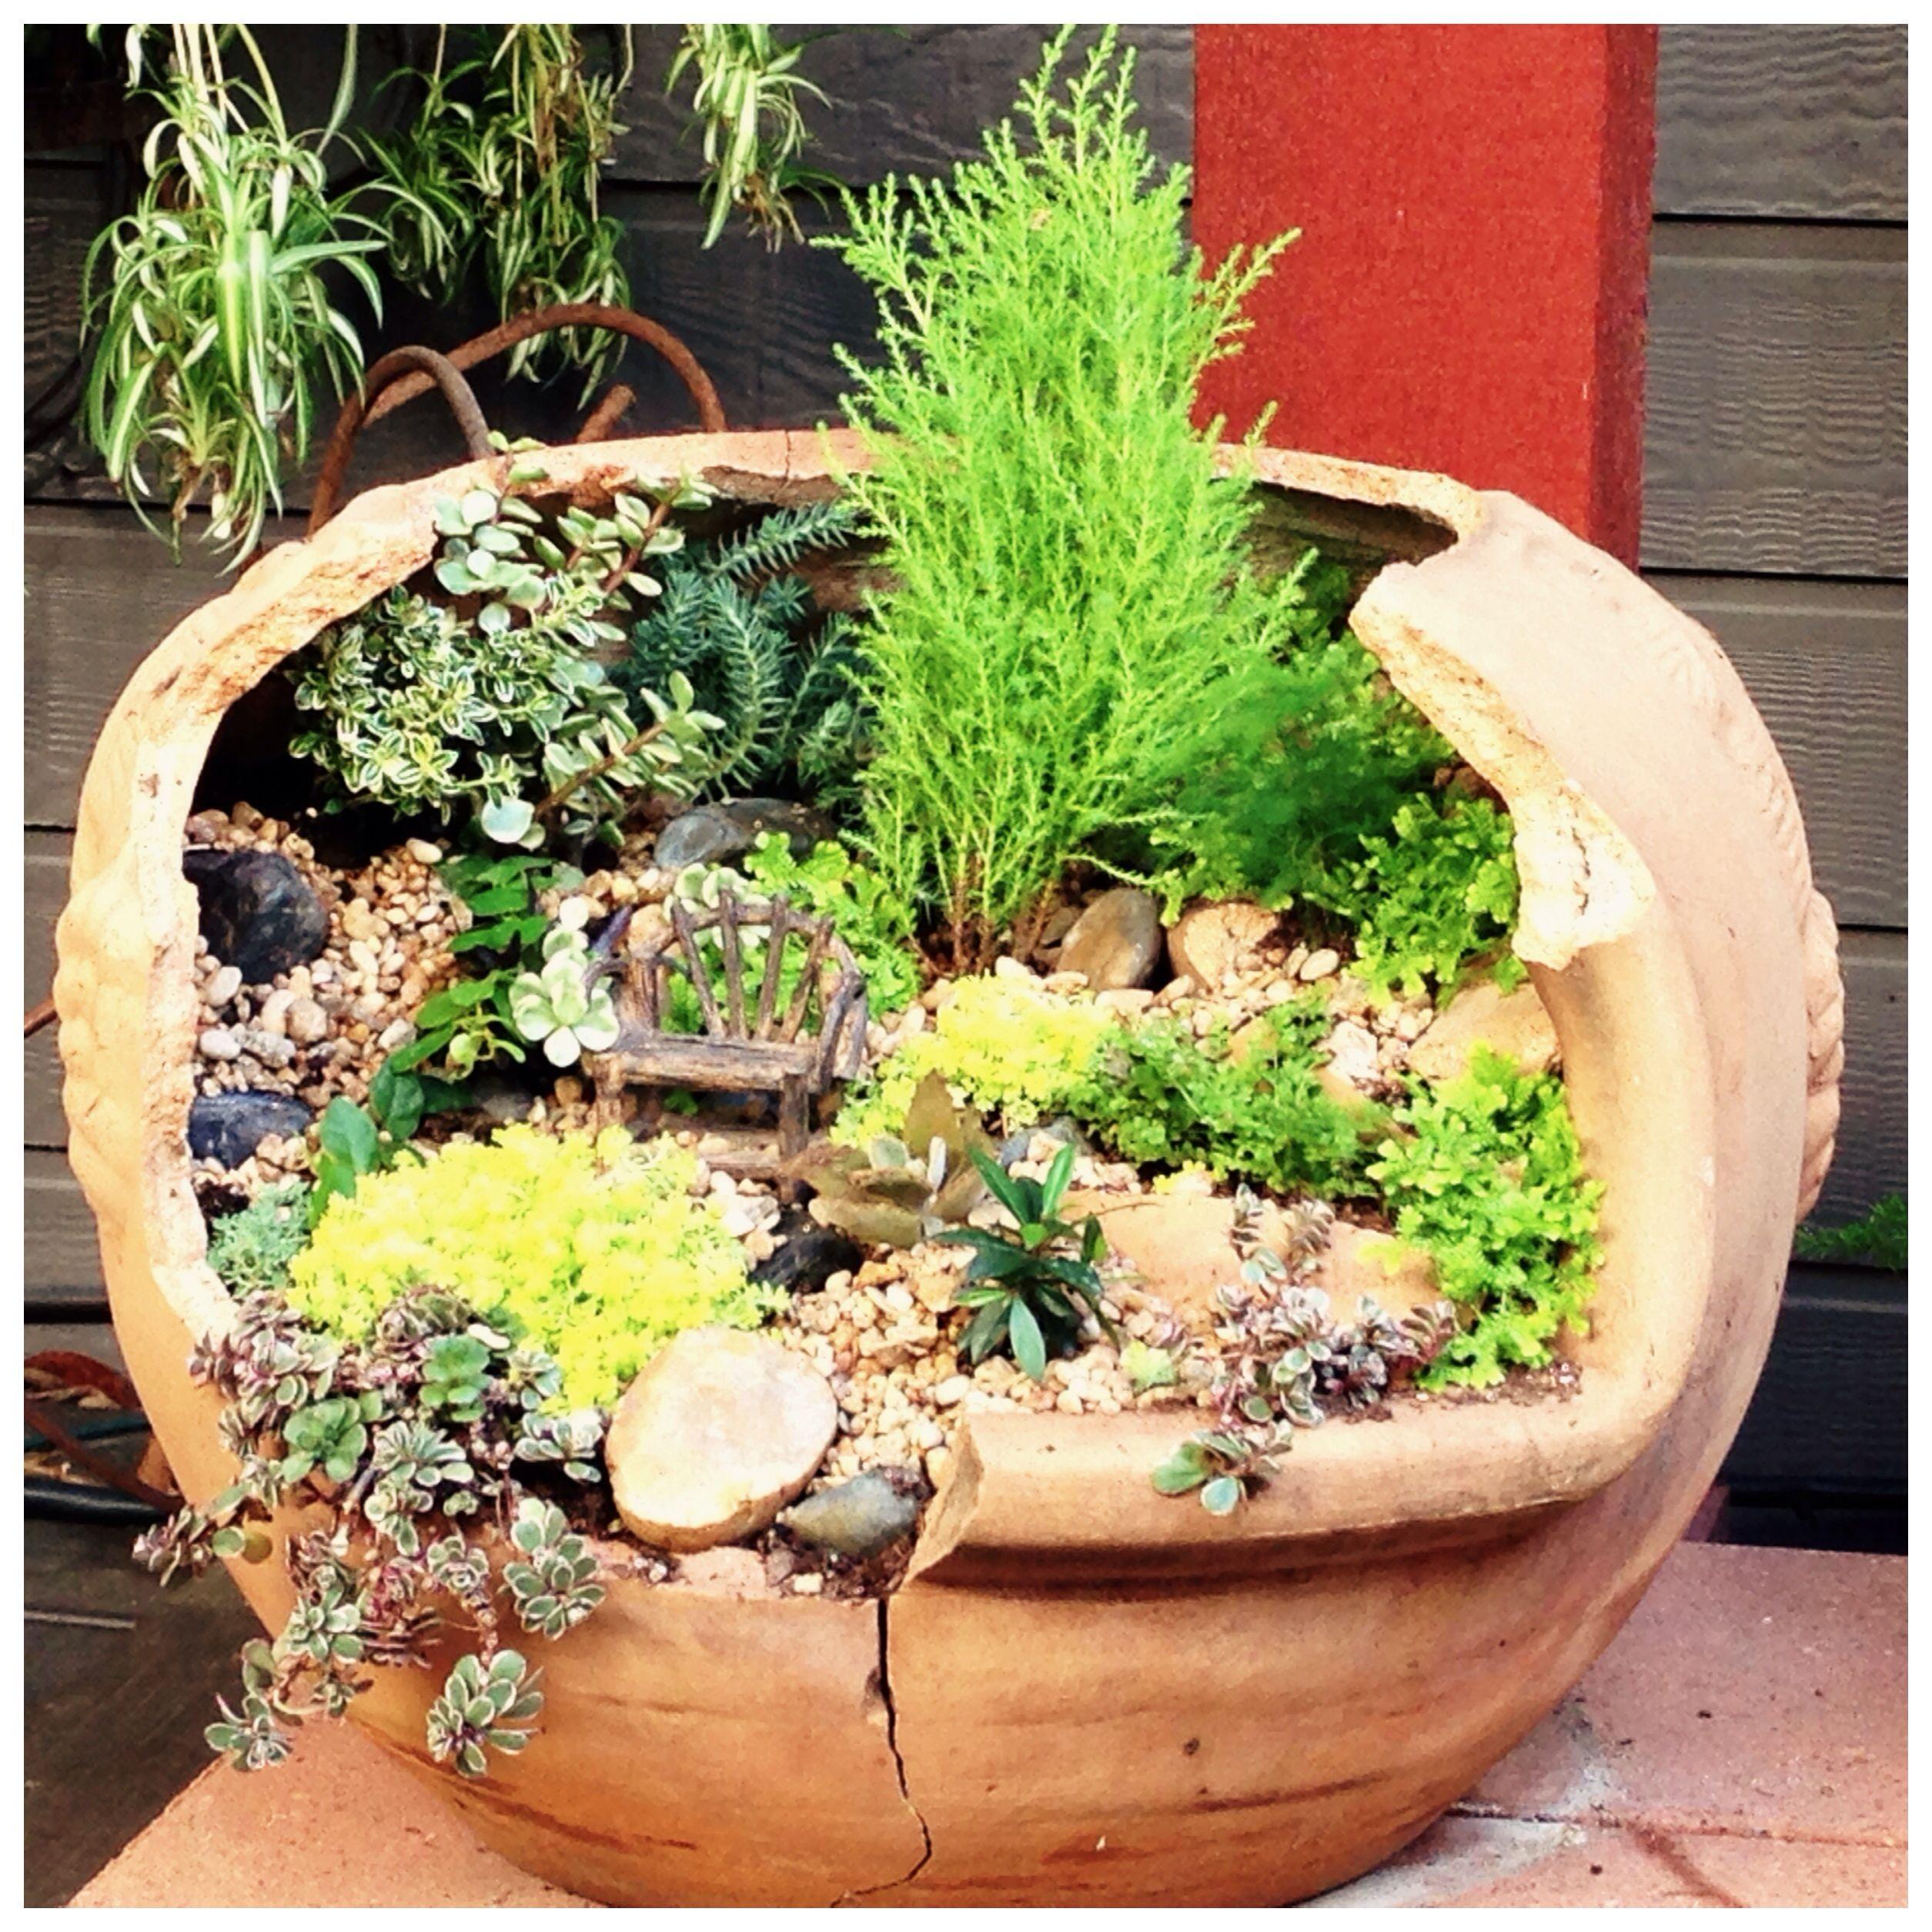 Incredible Broken Pot Ideas Recycle Your Garden: What To Do With A Broken Chiminea? Make A Fairy Garden